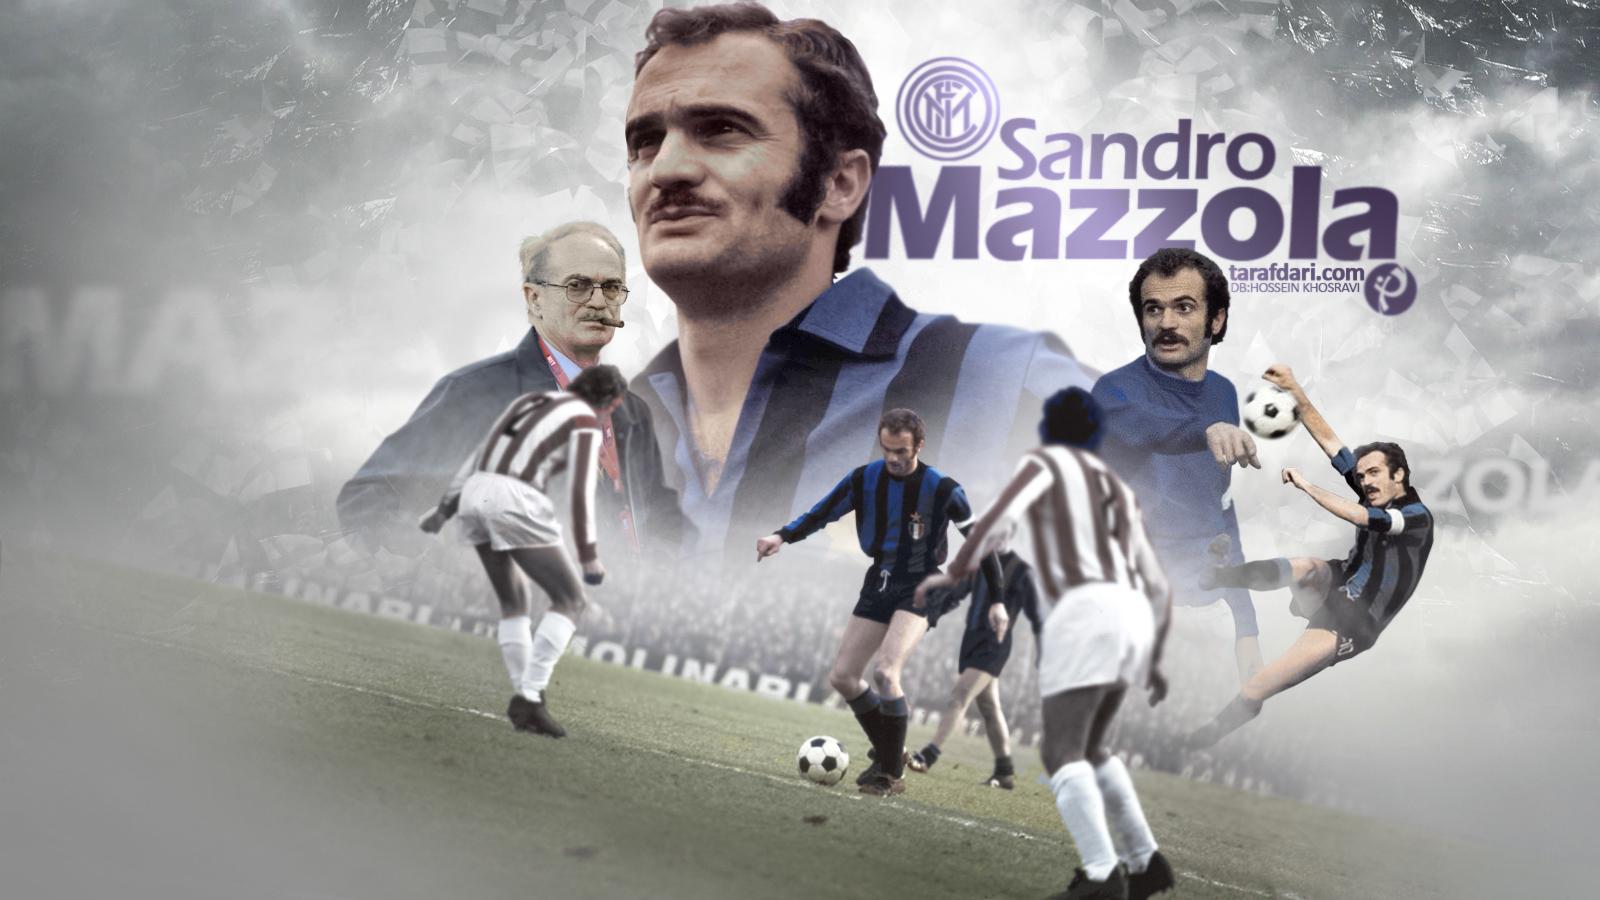 پوستر اختصاصی طرفداری؛ به مناسبت تولد ساندرو مازولا، اسطوره باشگاه اینتر